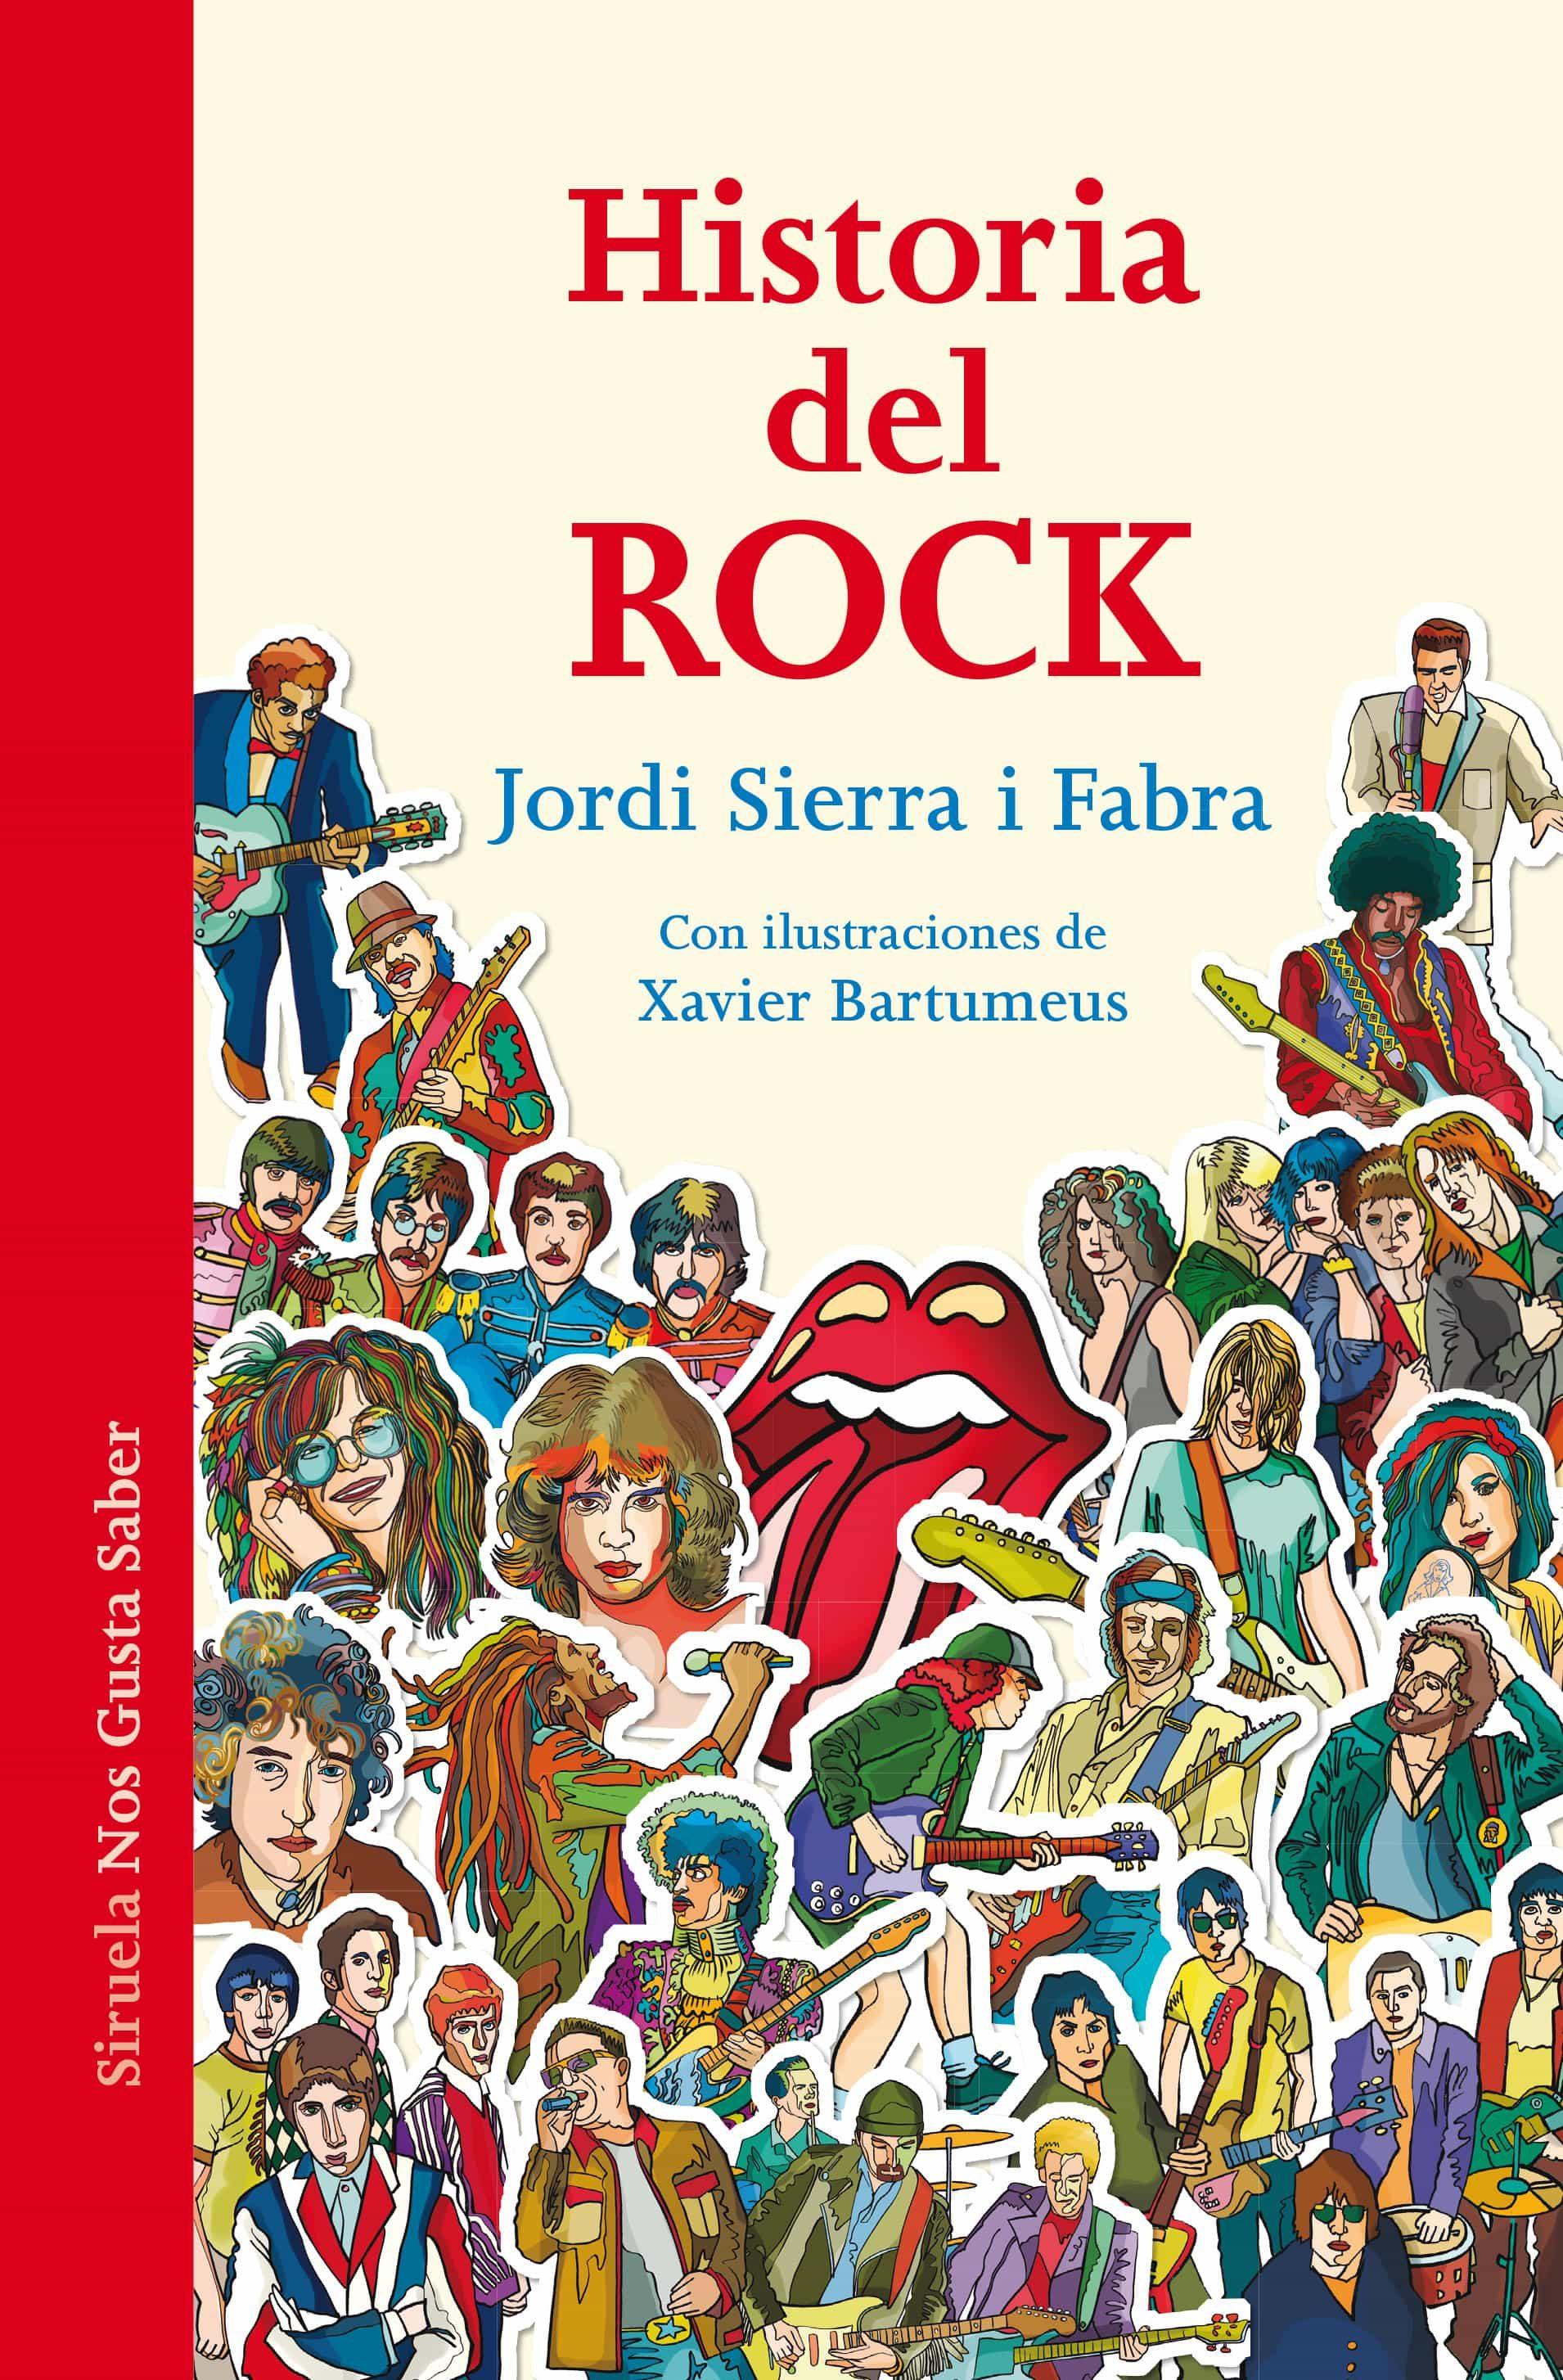 Resultado de imagen para historia del rock jordi sierra i fabra